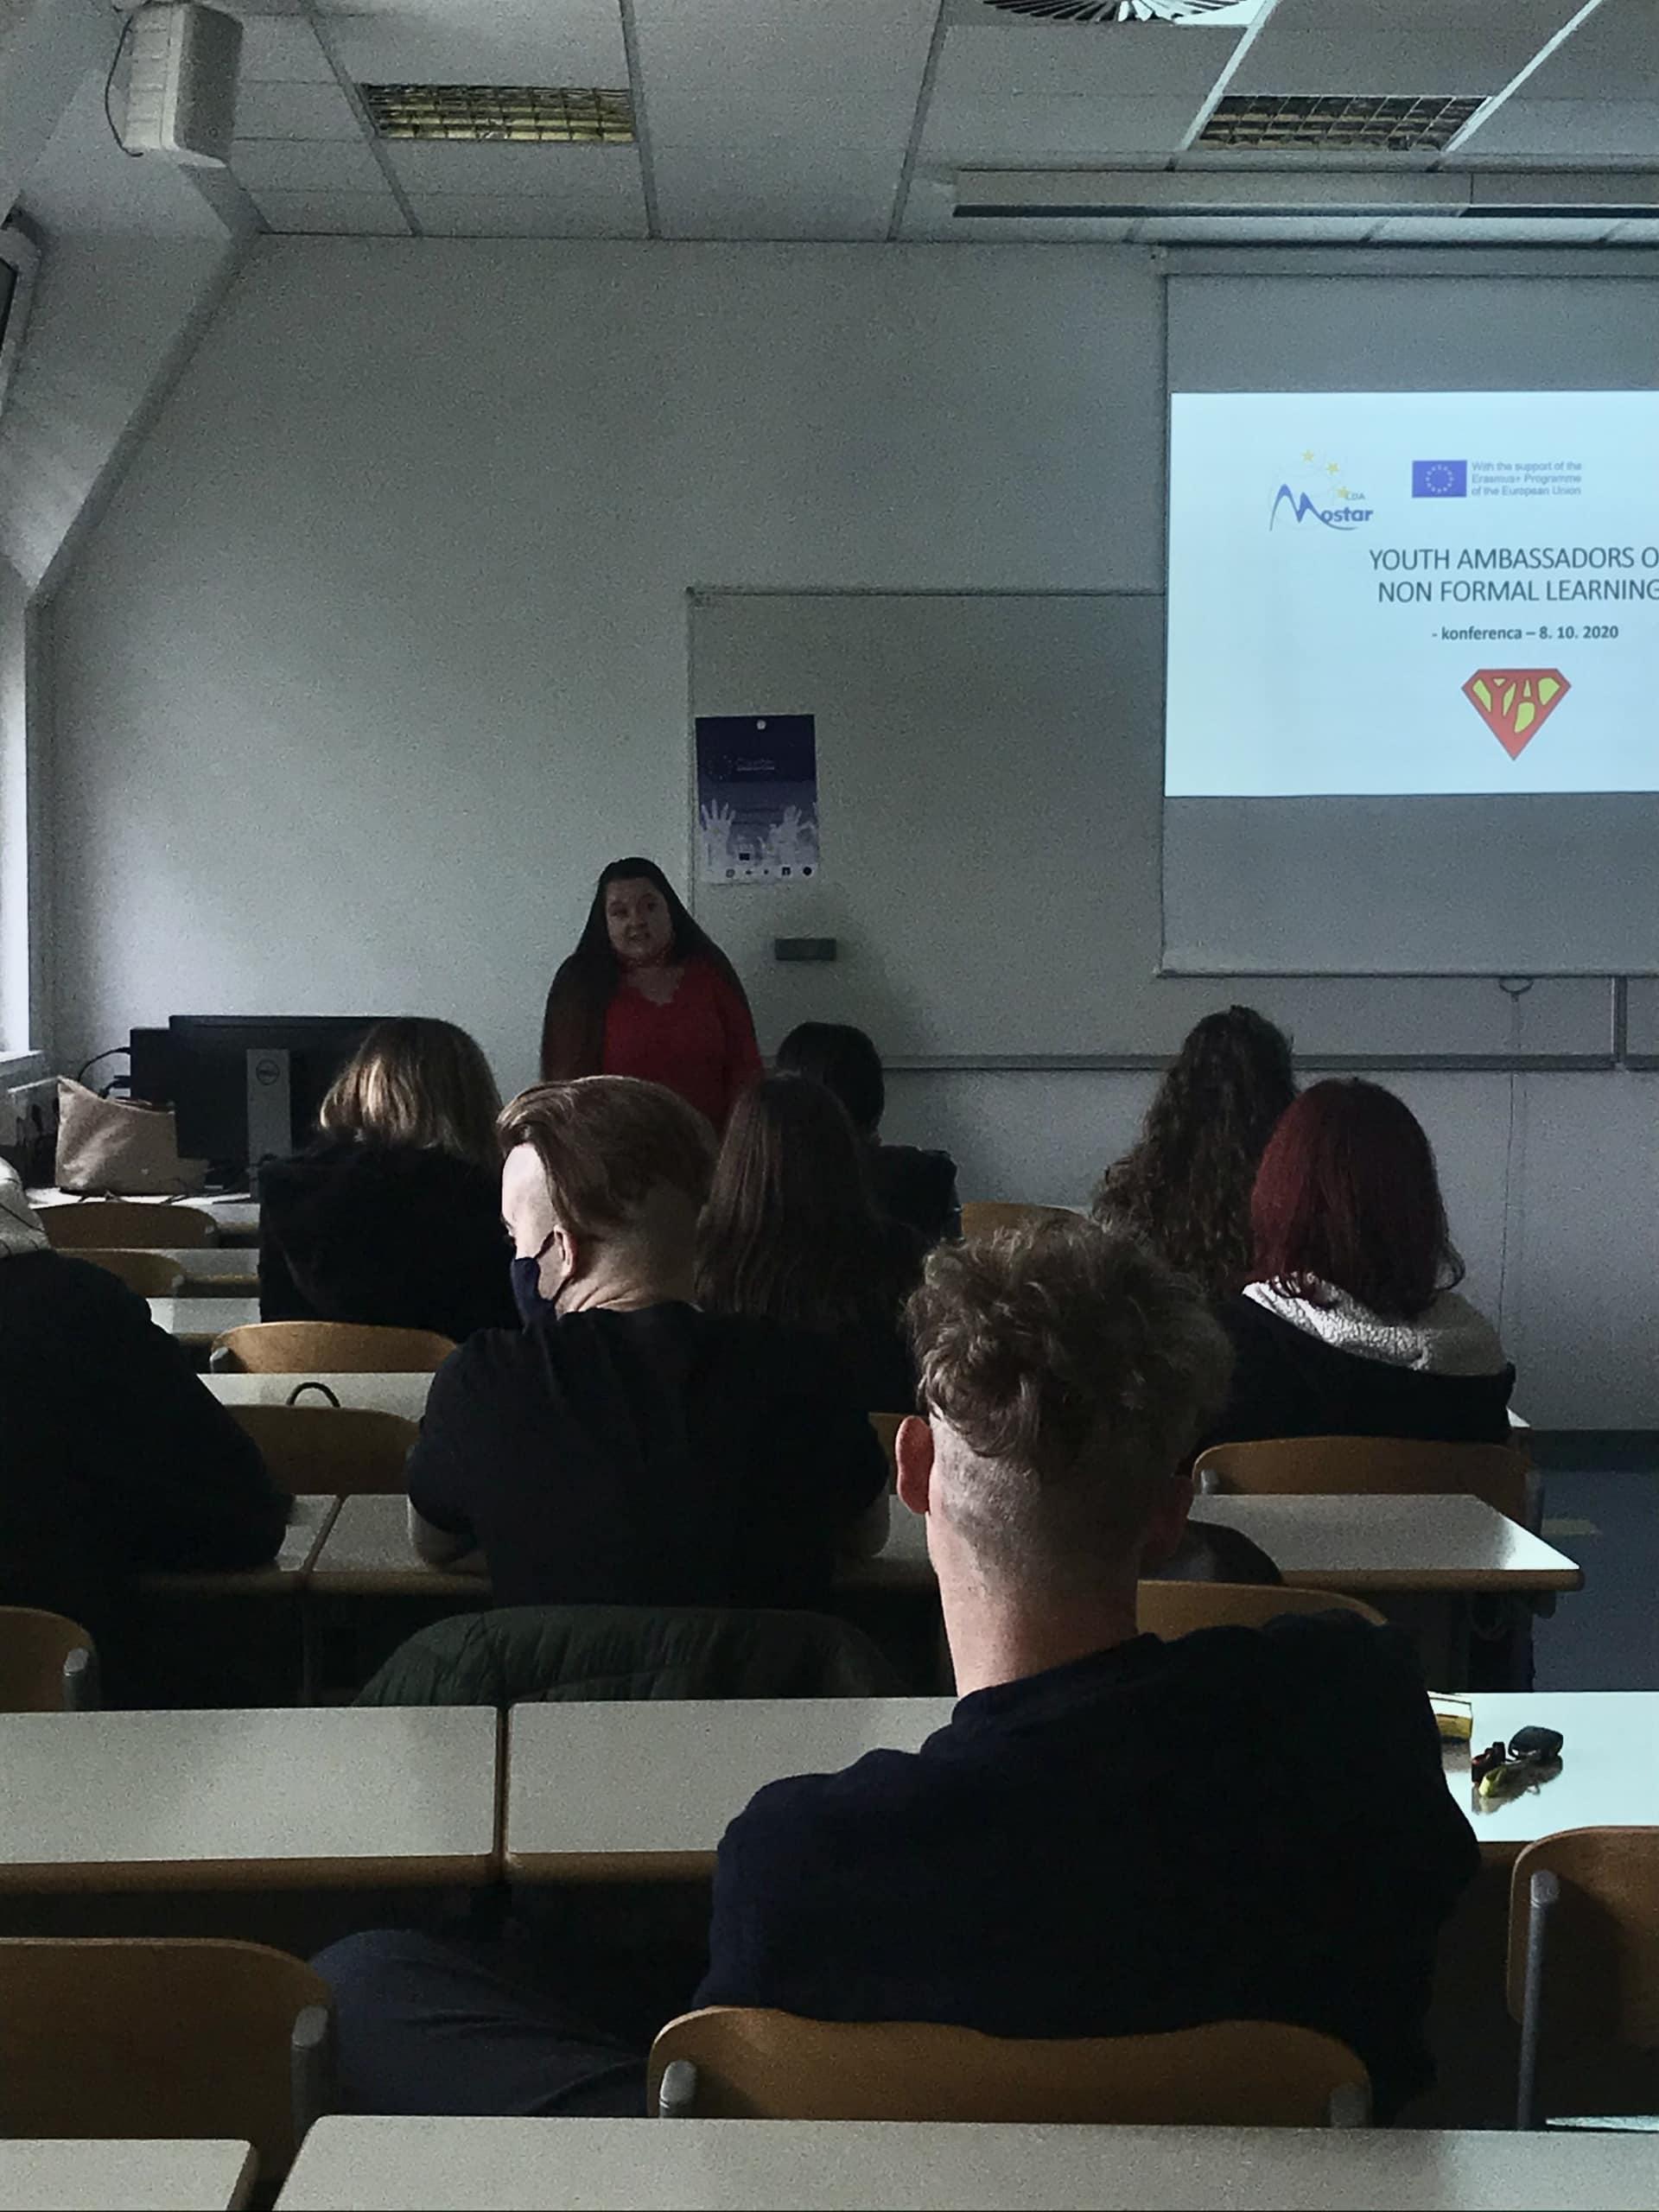 DRPD izvedel konferenco o pomenu neformalnega izobraževanja